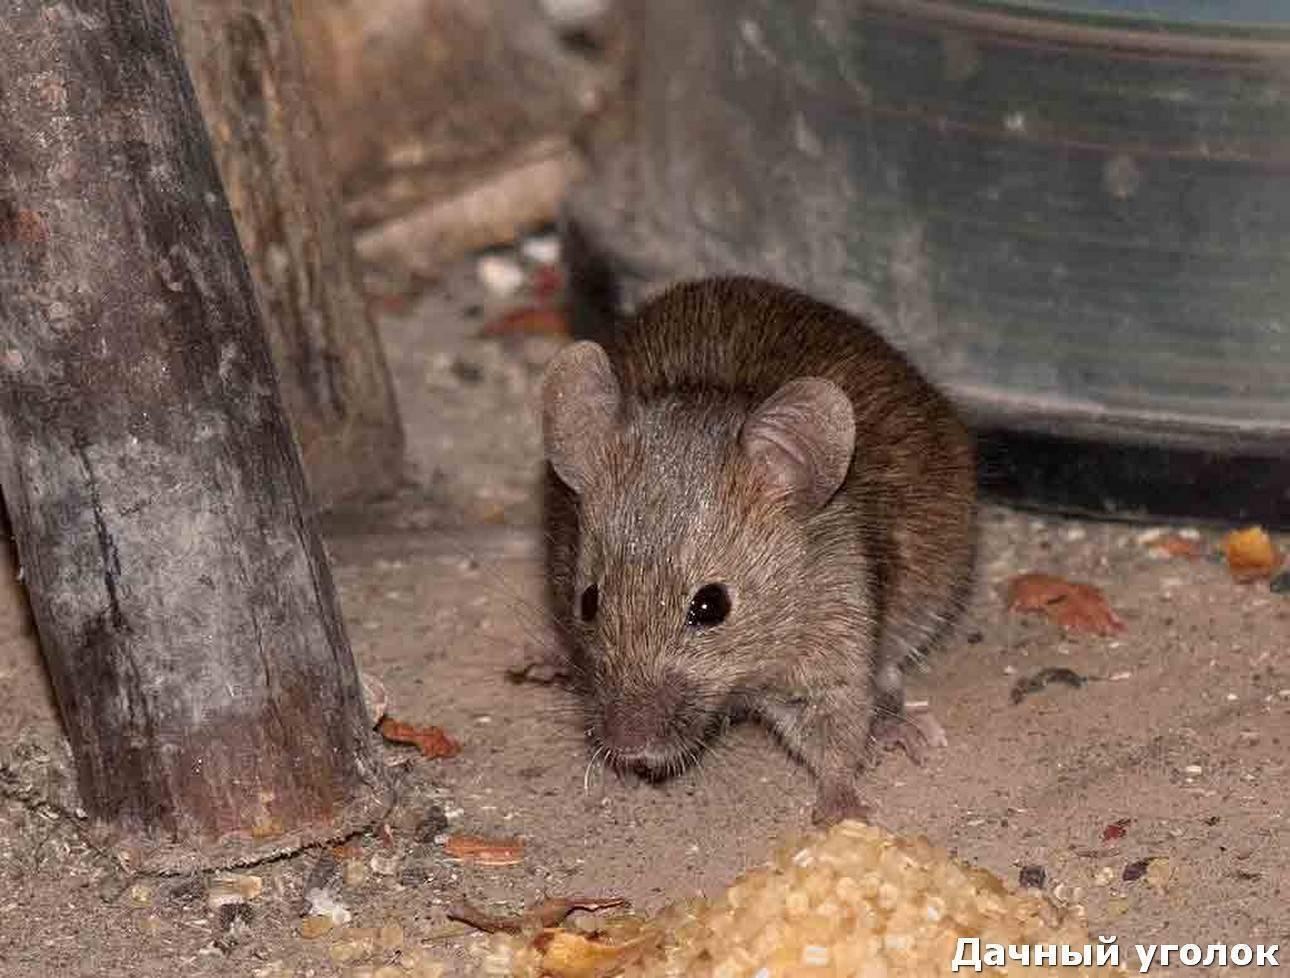 Мышам на дачу вход воспрещён